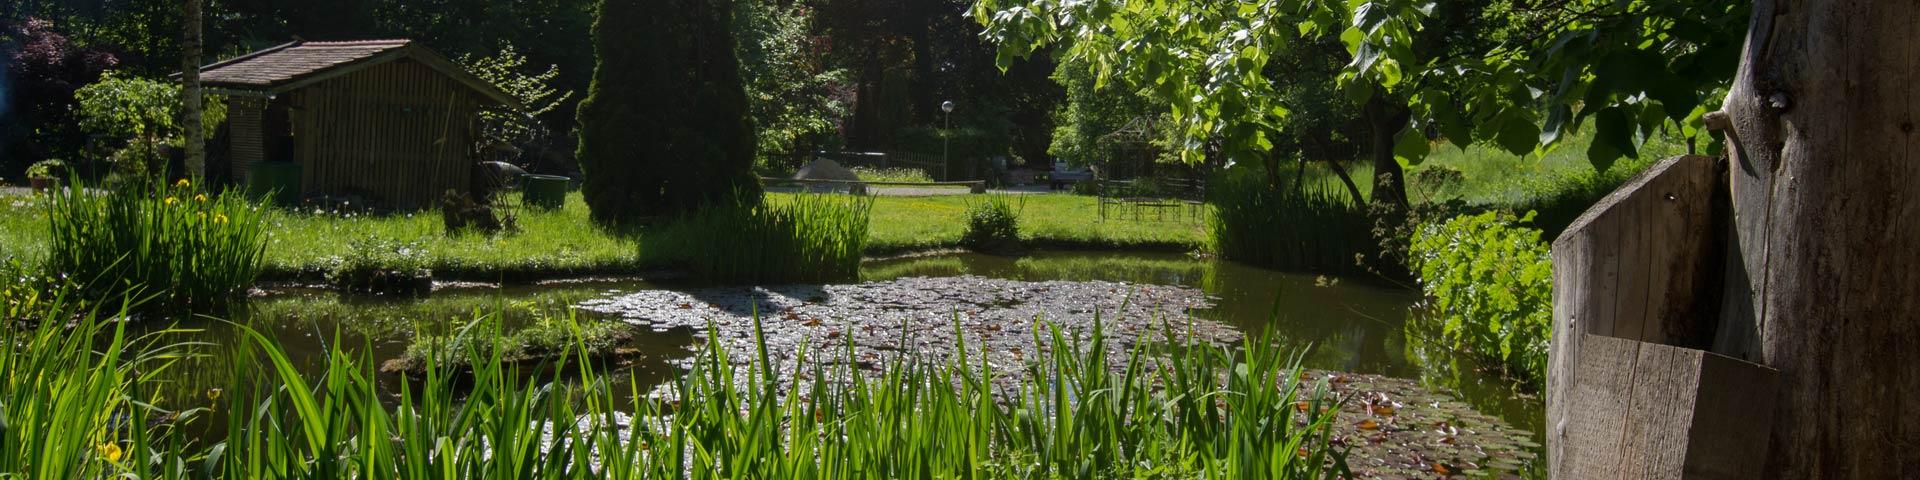 Malerhaus Bad Toelz - Garten mit Teich